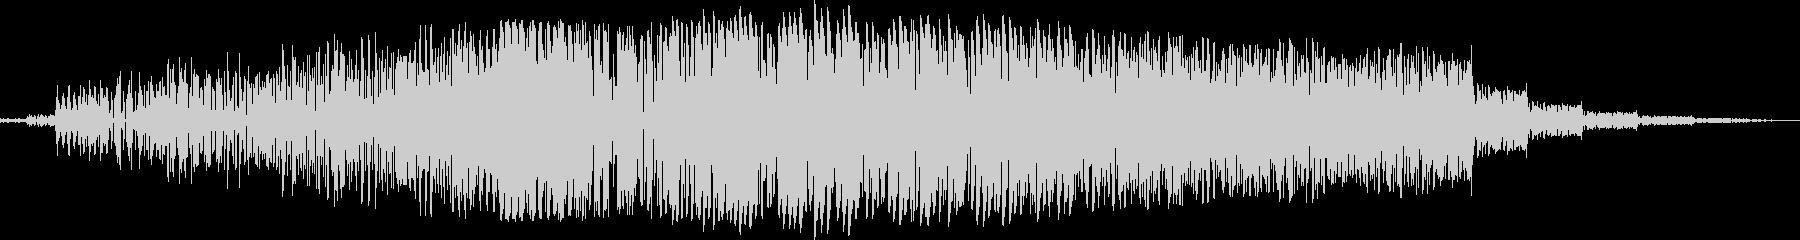 ヘビーランブルへのフィルターパスの未再生の波形